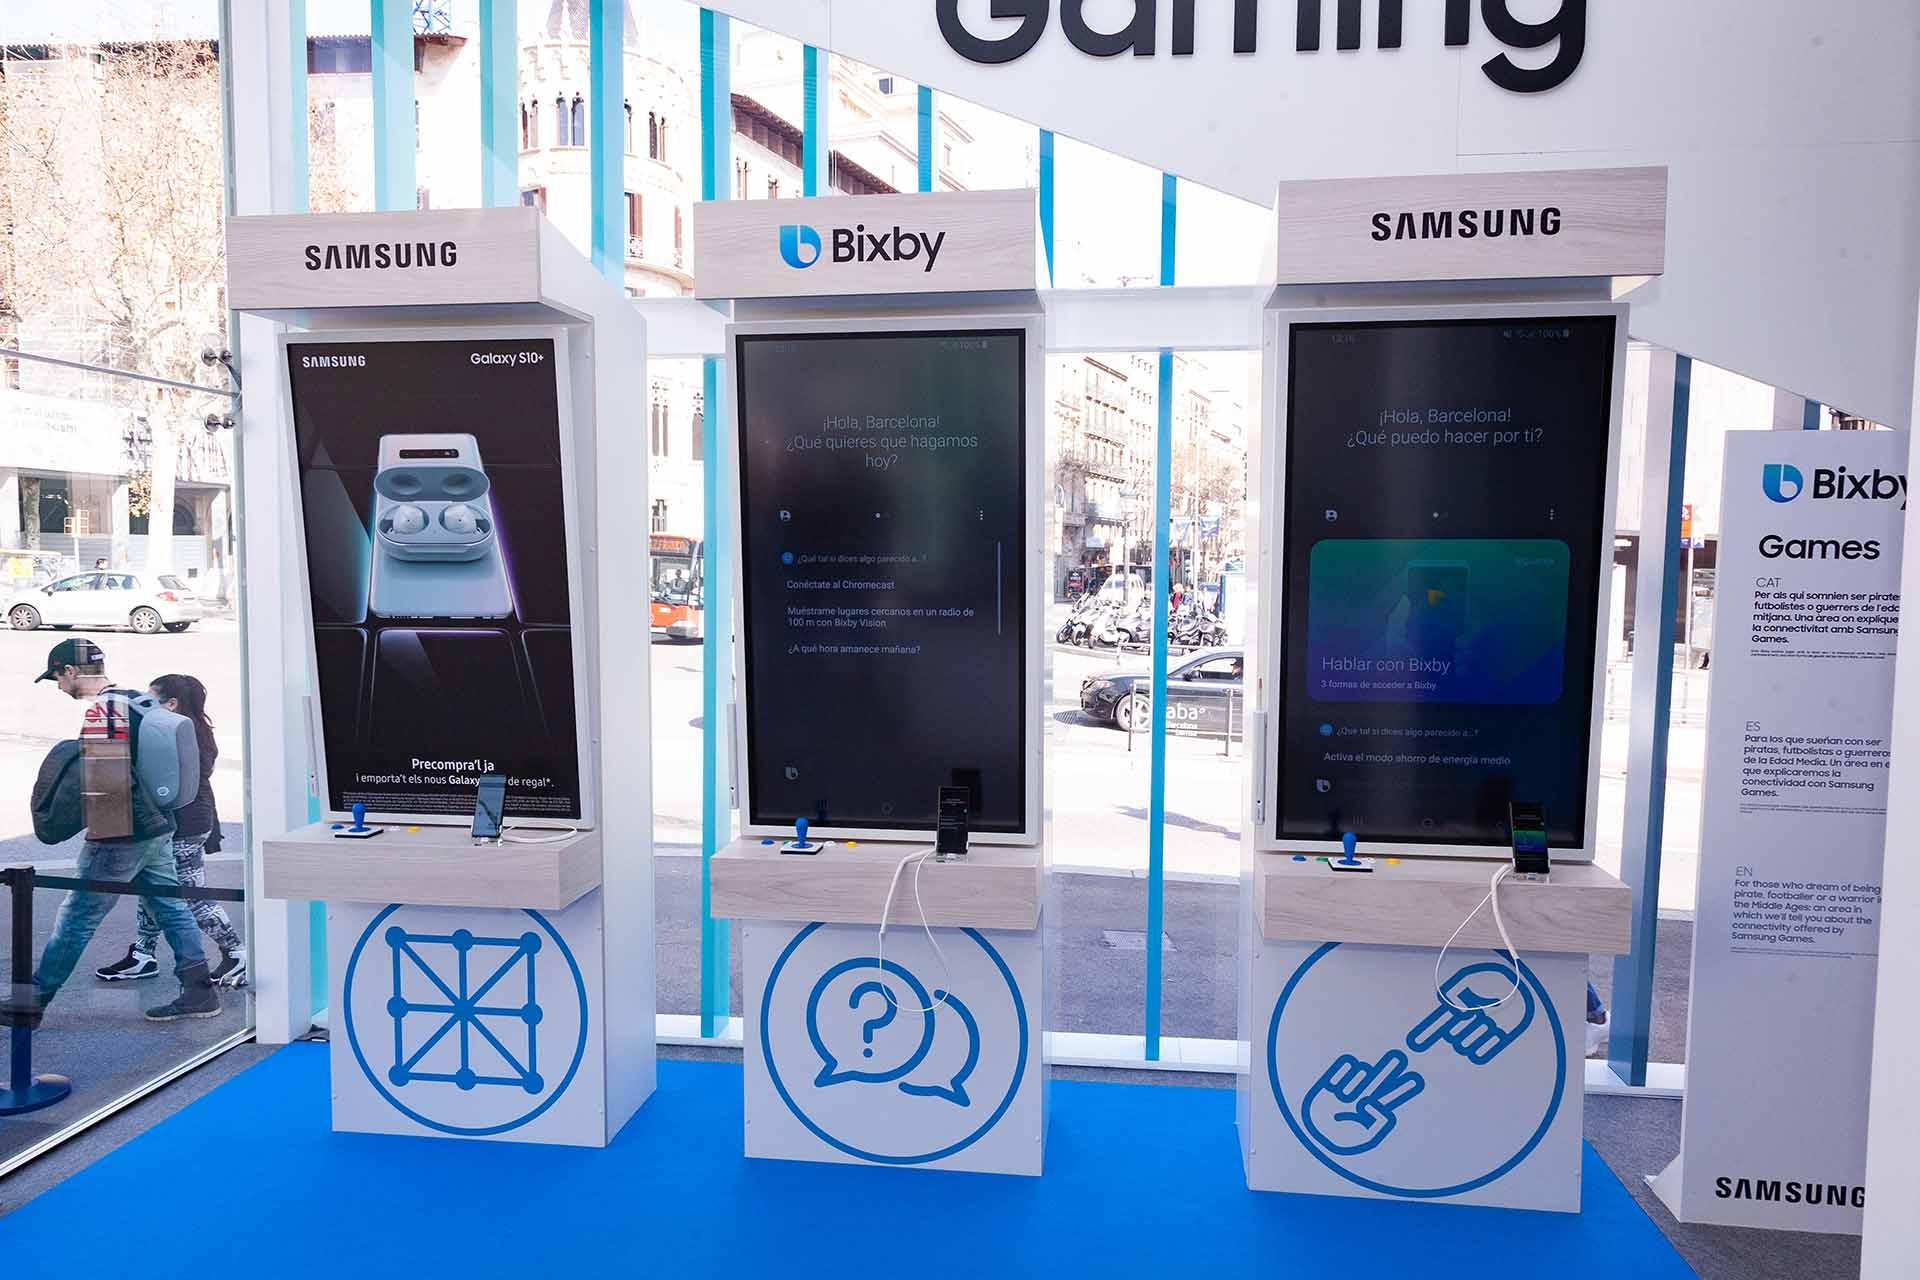 Pop up Samsung Bixby. Producción puestos conexión